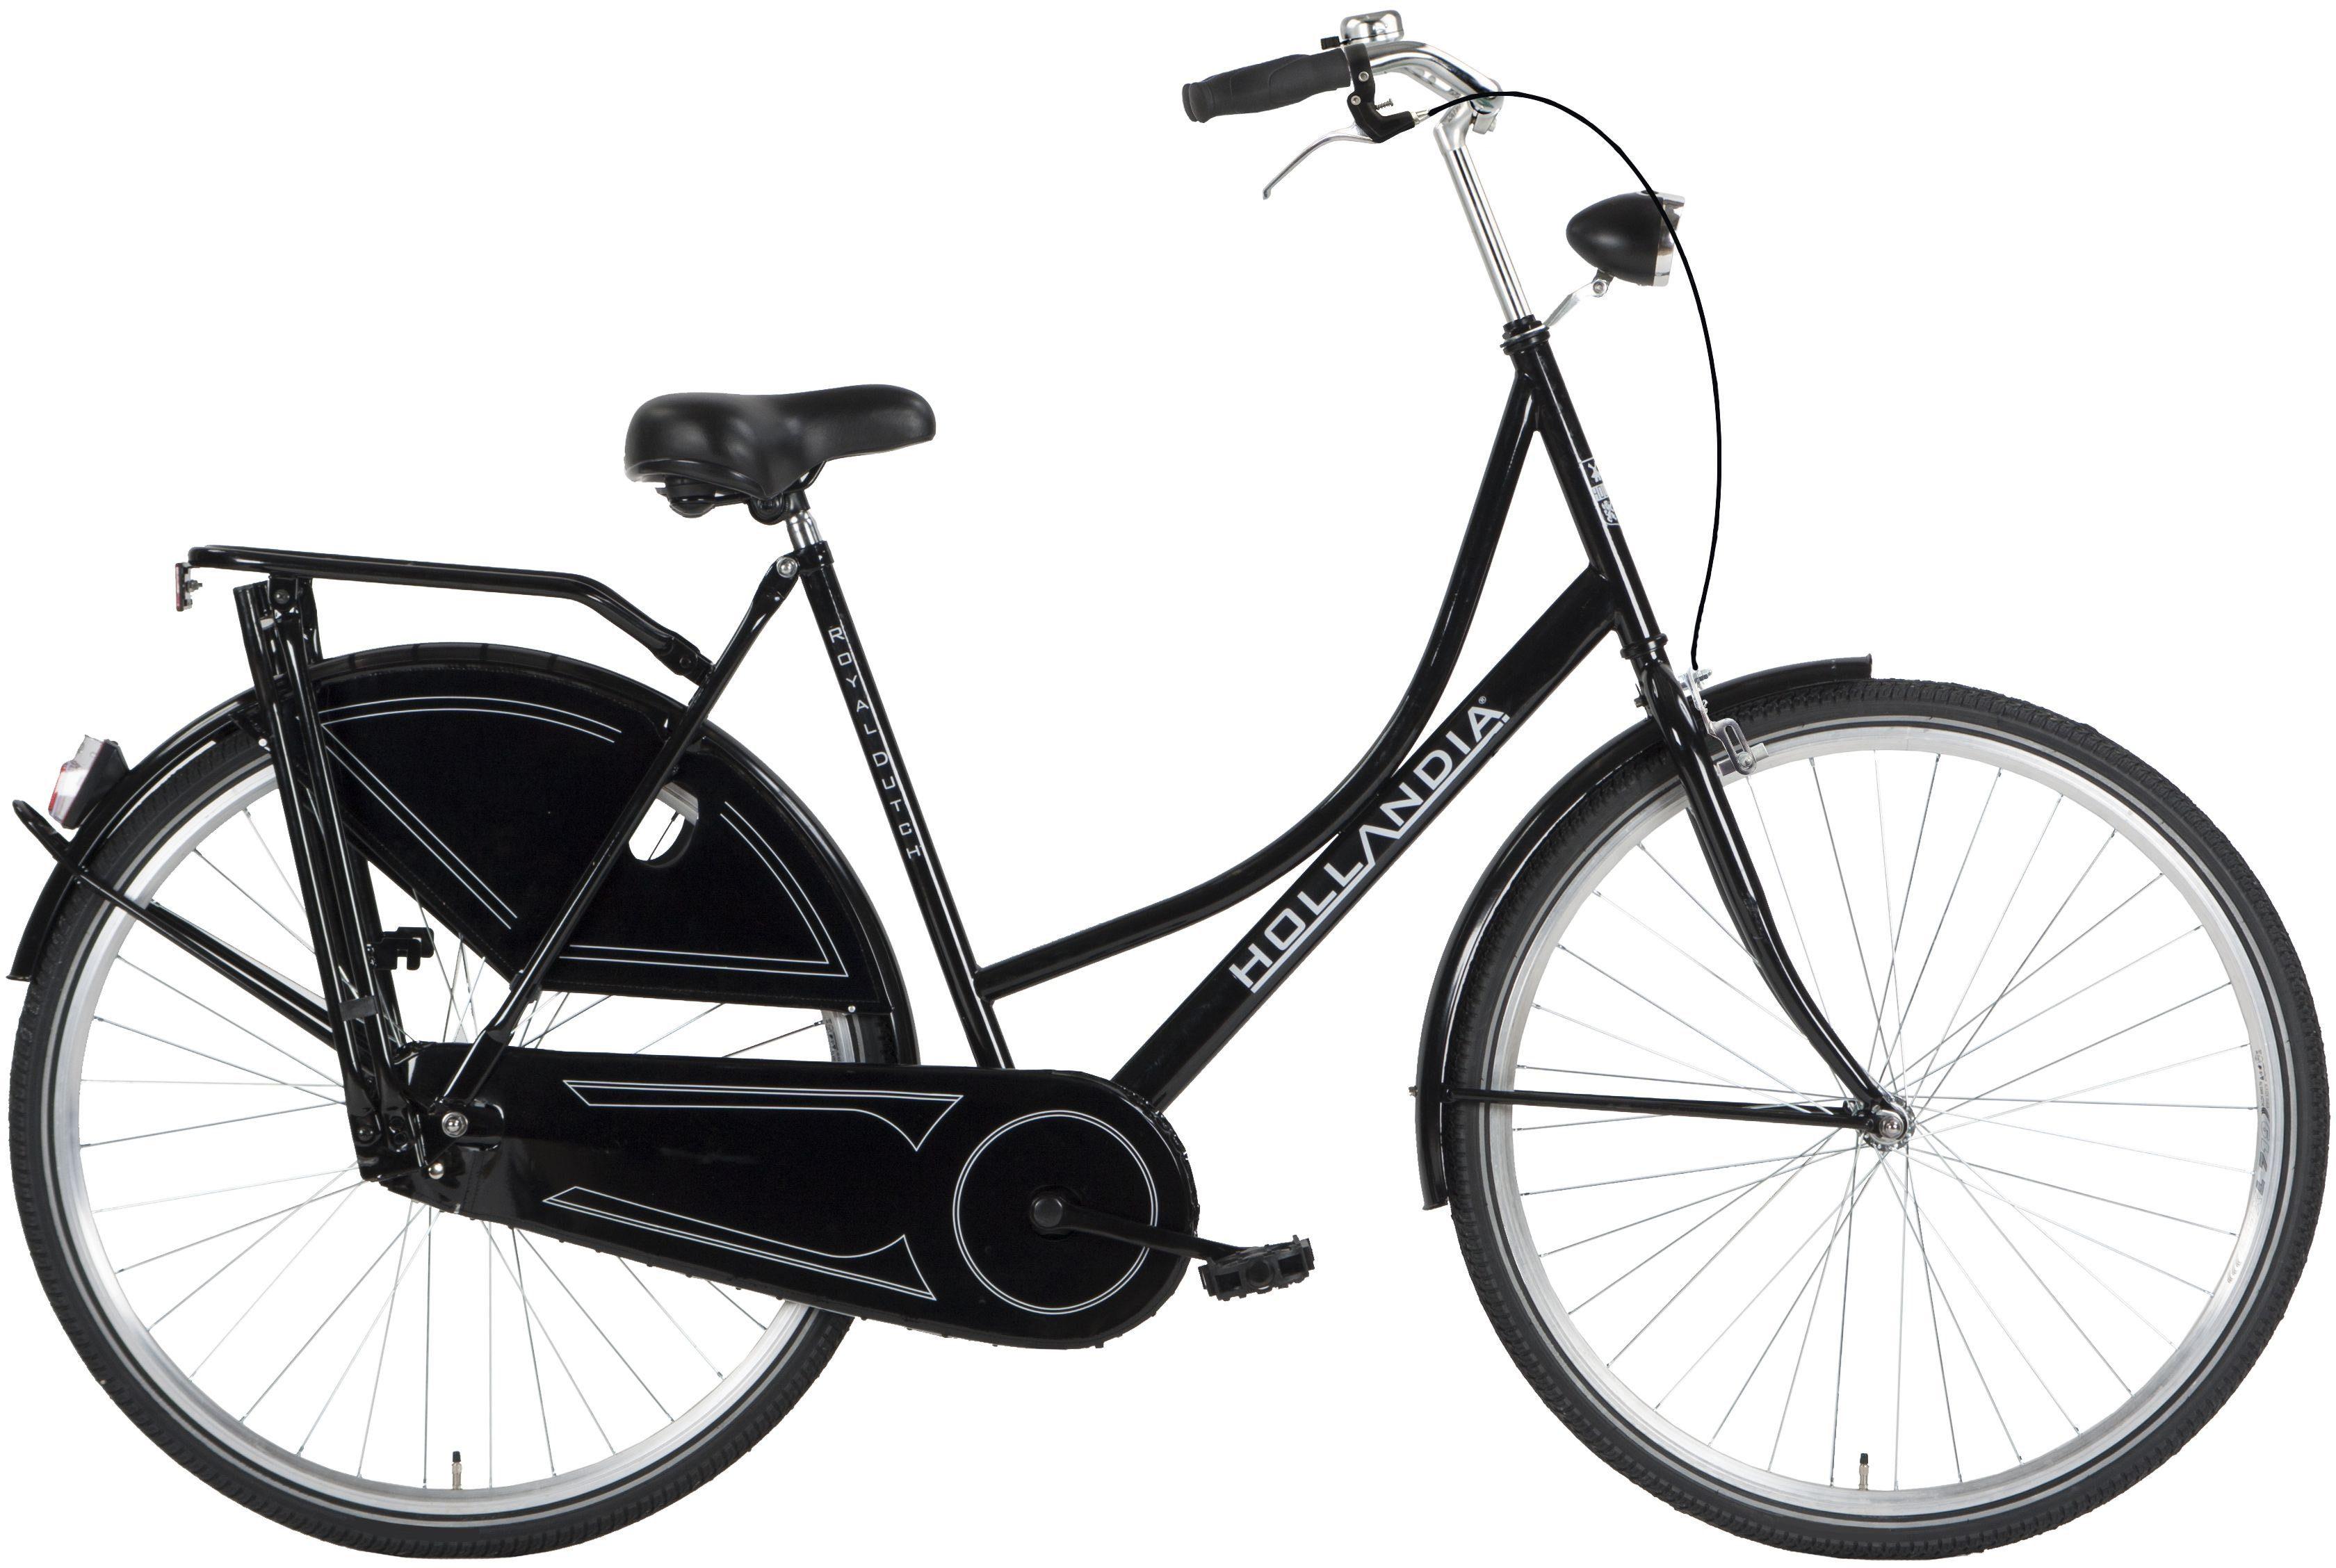 Hollandia Damen Citybike, 28 Zoll, Singlespeed, Rücktritt, »Grandma«